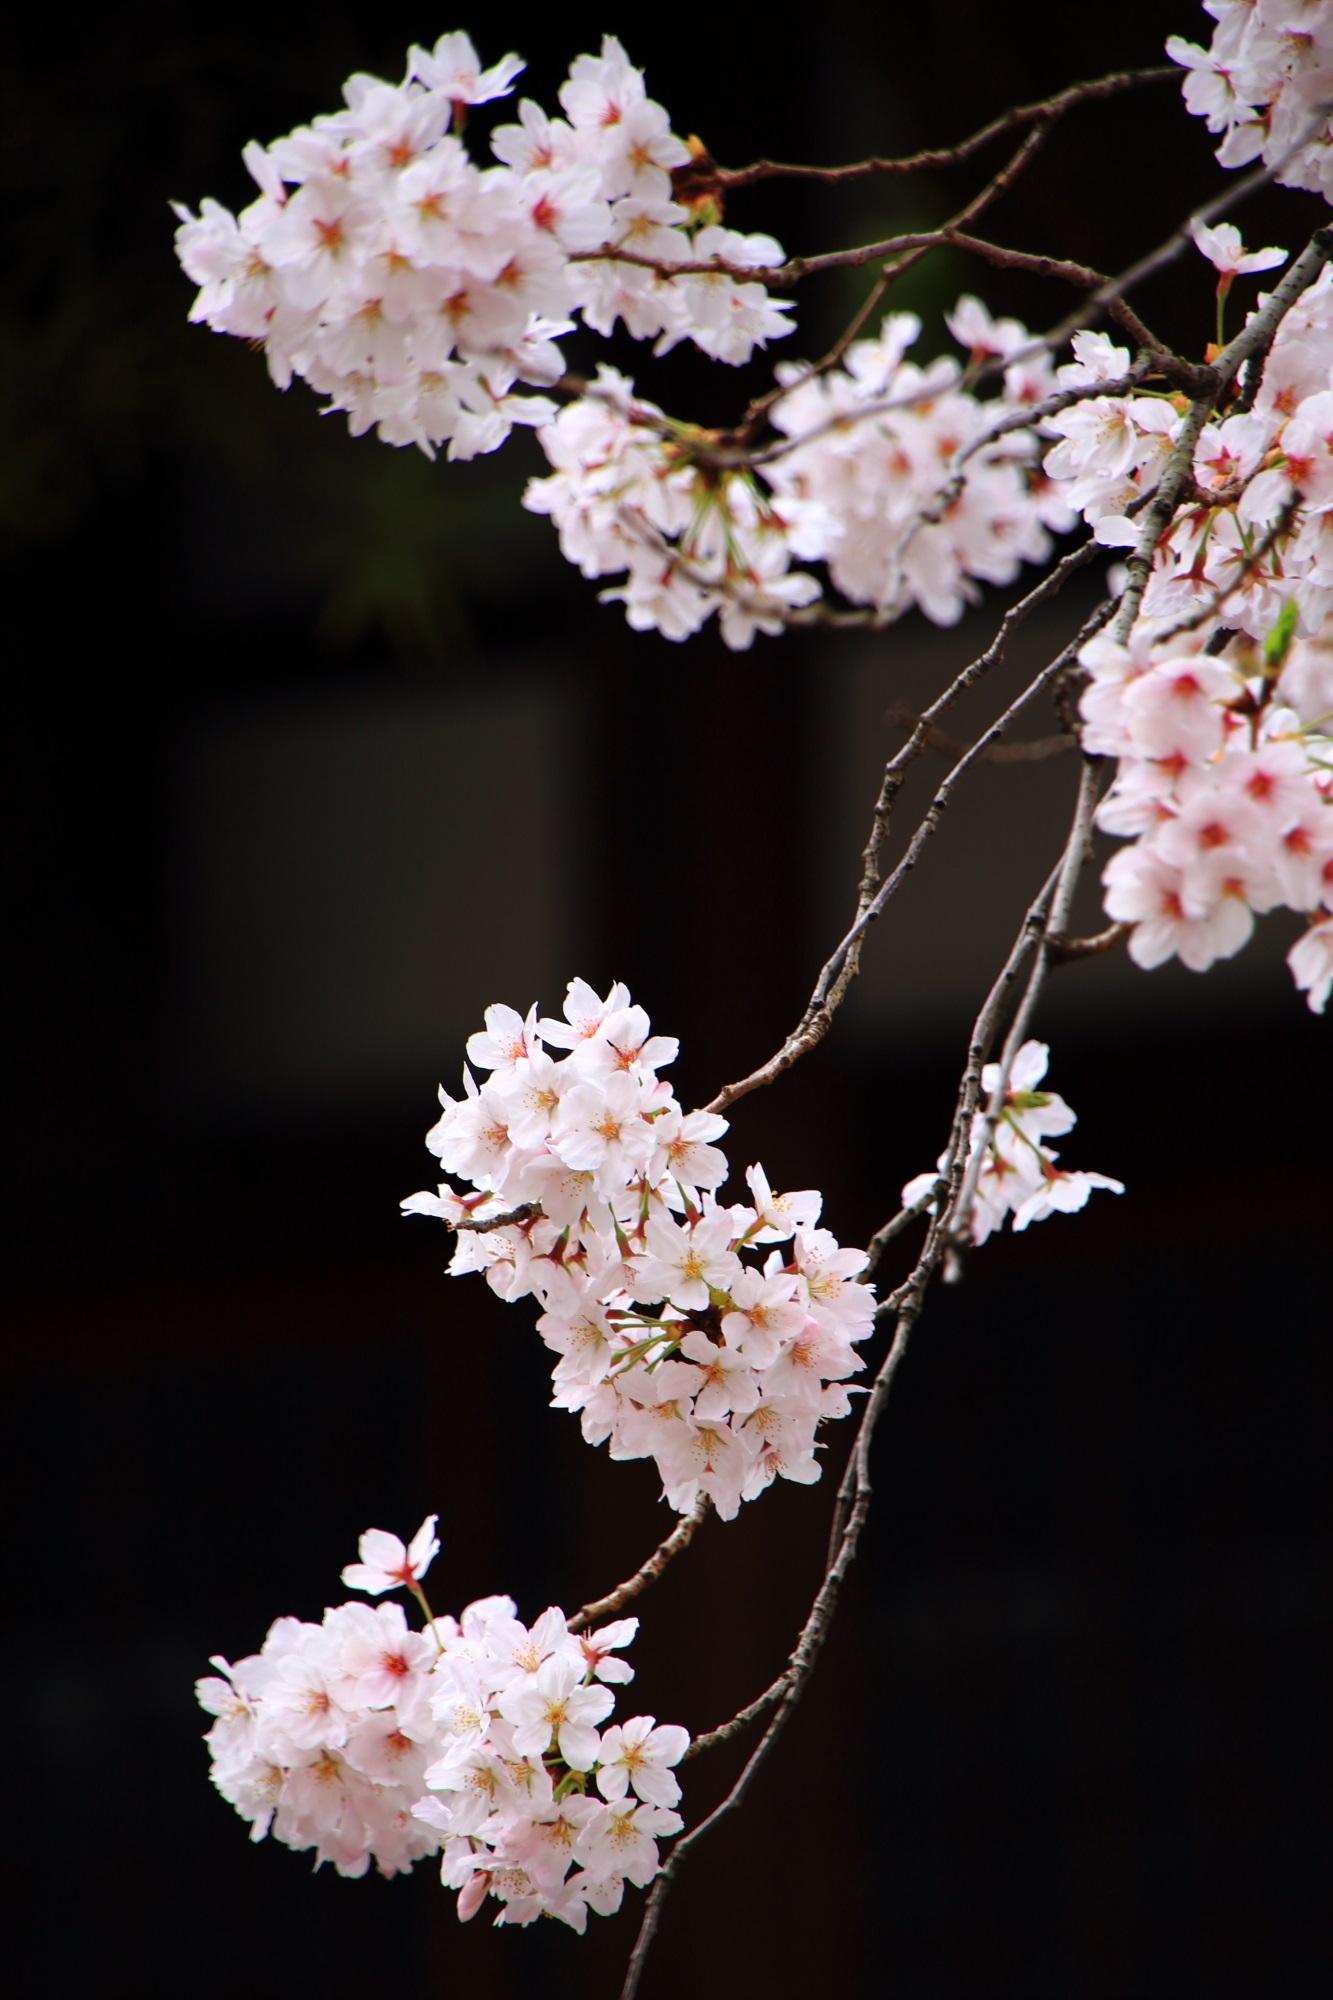 桜の名所の墨染寺の見事な墨染桜(すみぞめ桜)